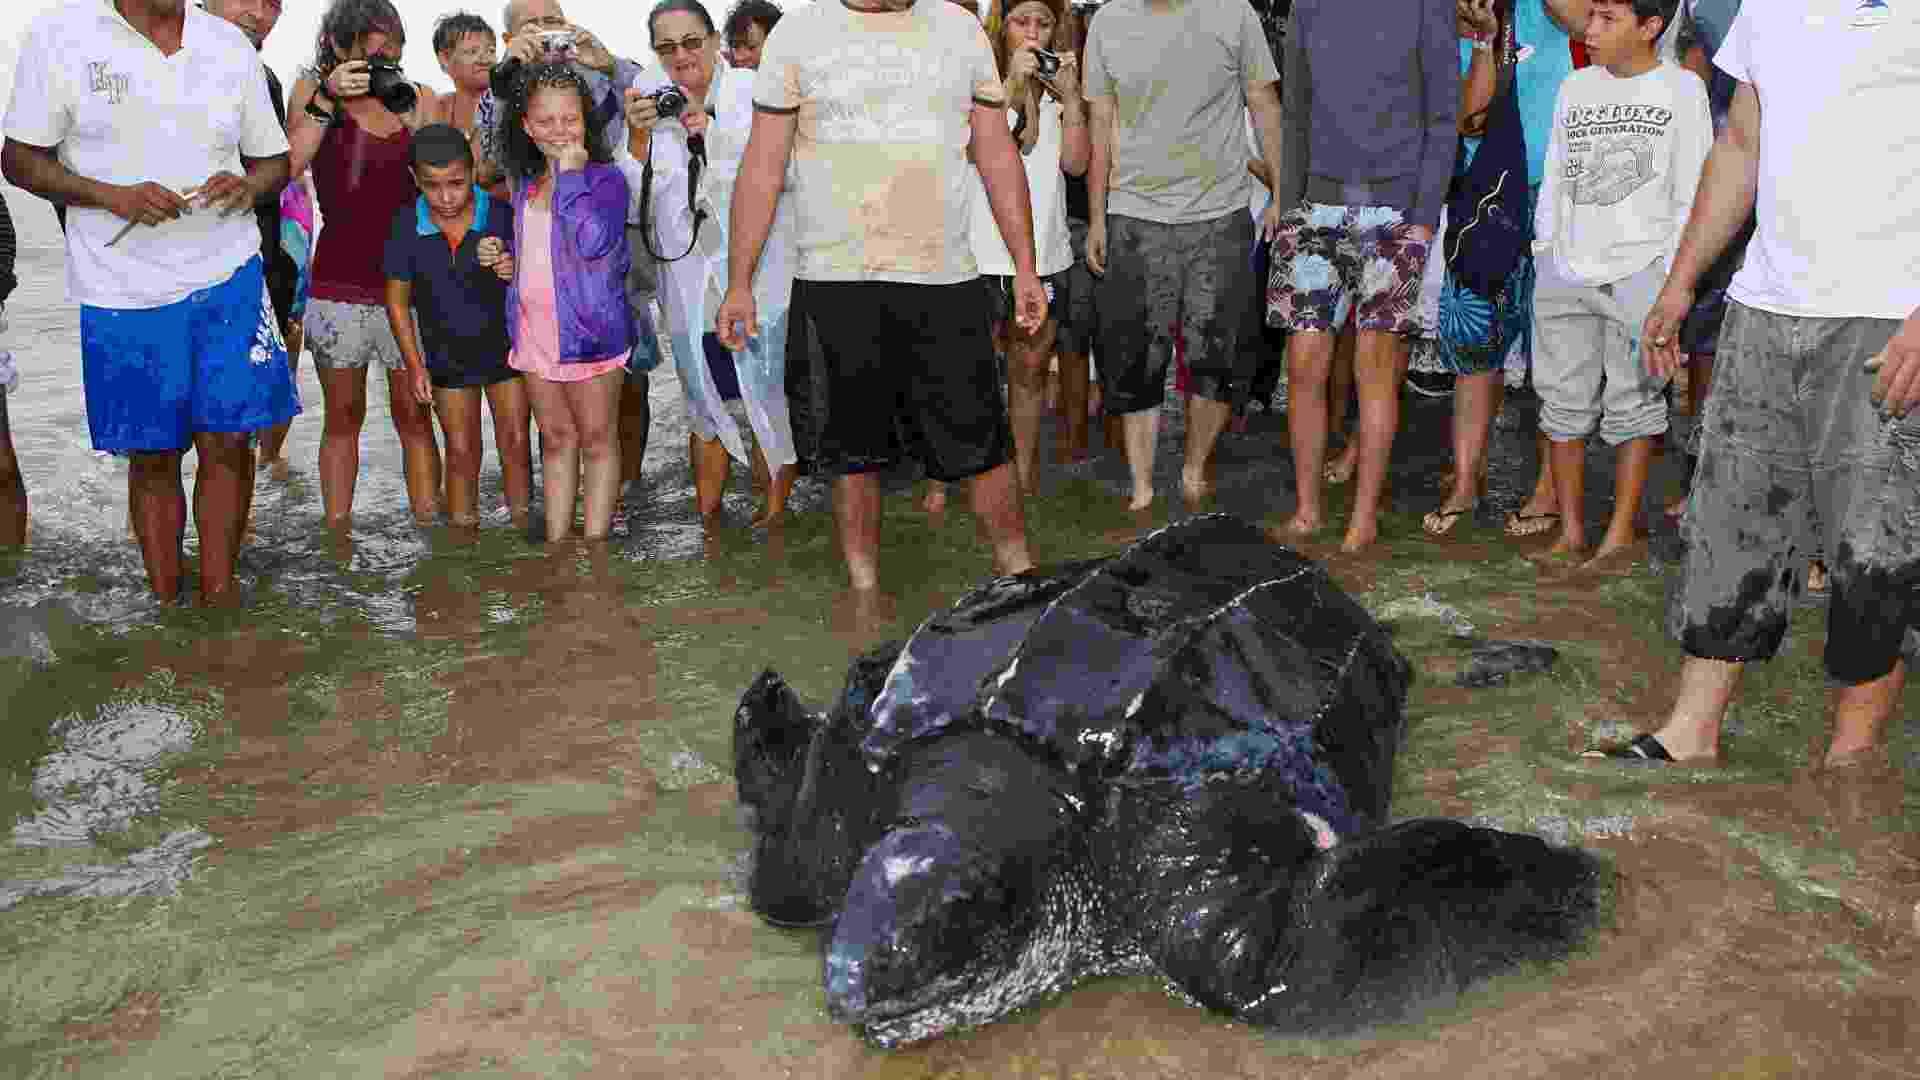 6.ago.2012 - Uma tartaruga de 320 quilos e dois metros de comprimento, procedente de Trinidad e Tobago, no Caribe, foi encontrada nesta segunda (6), na França, em uma praia do Mar Mediterrâneo. A tartaruga estava levemente ferida quando foi achada e logo depois foi devolvida ao mar - Jerome Roux/AFP